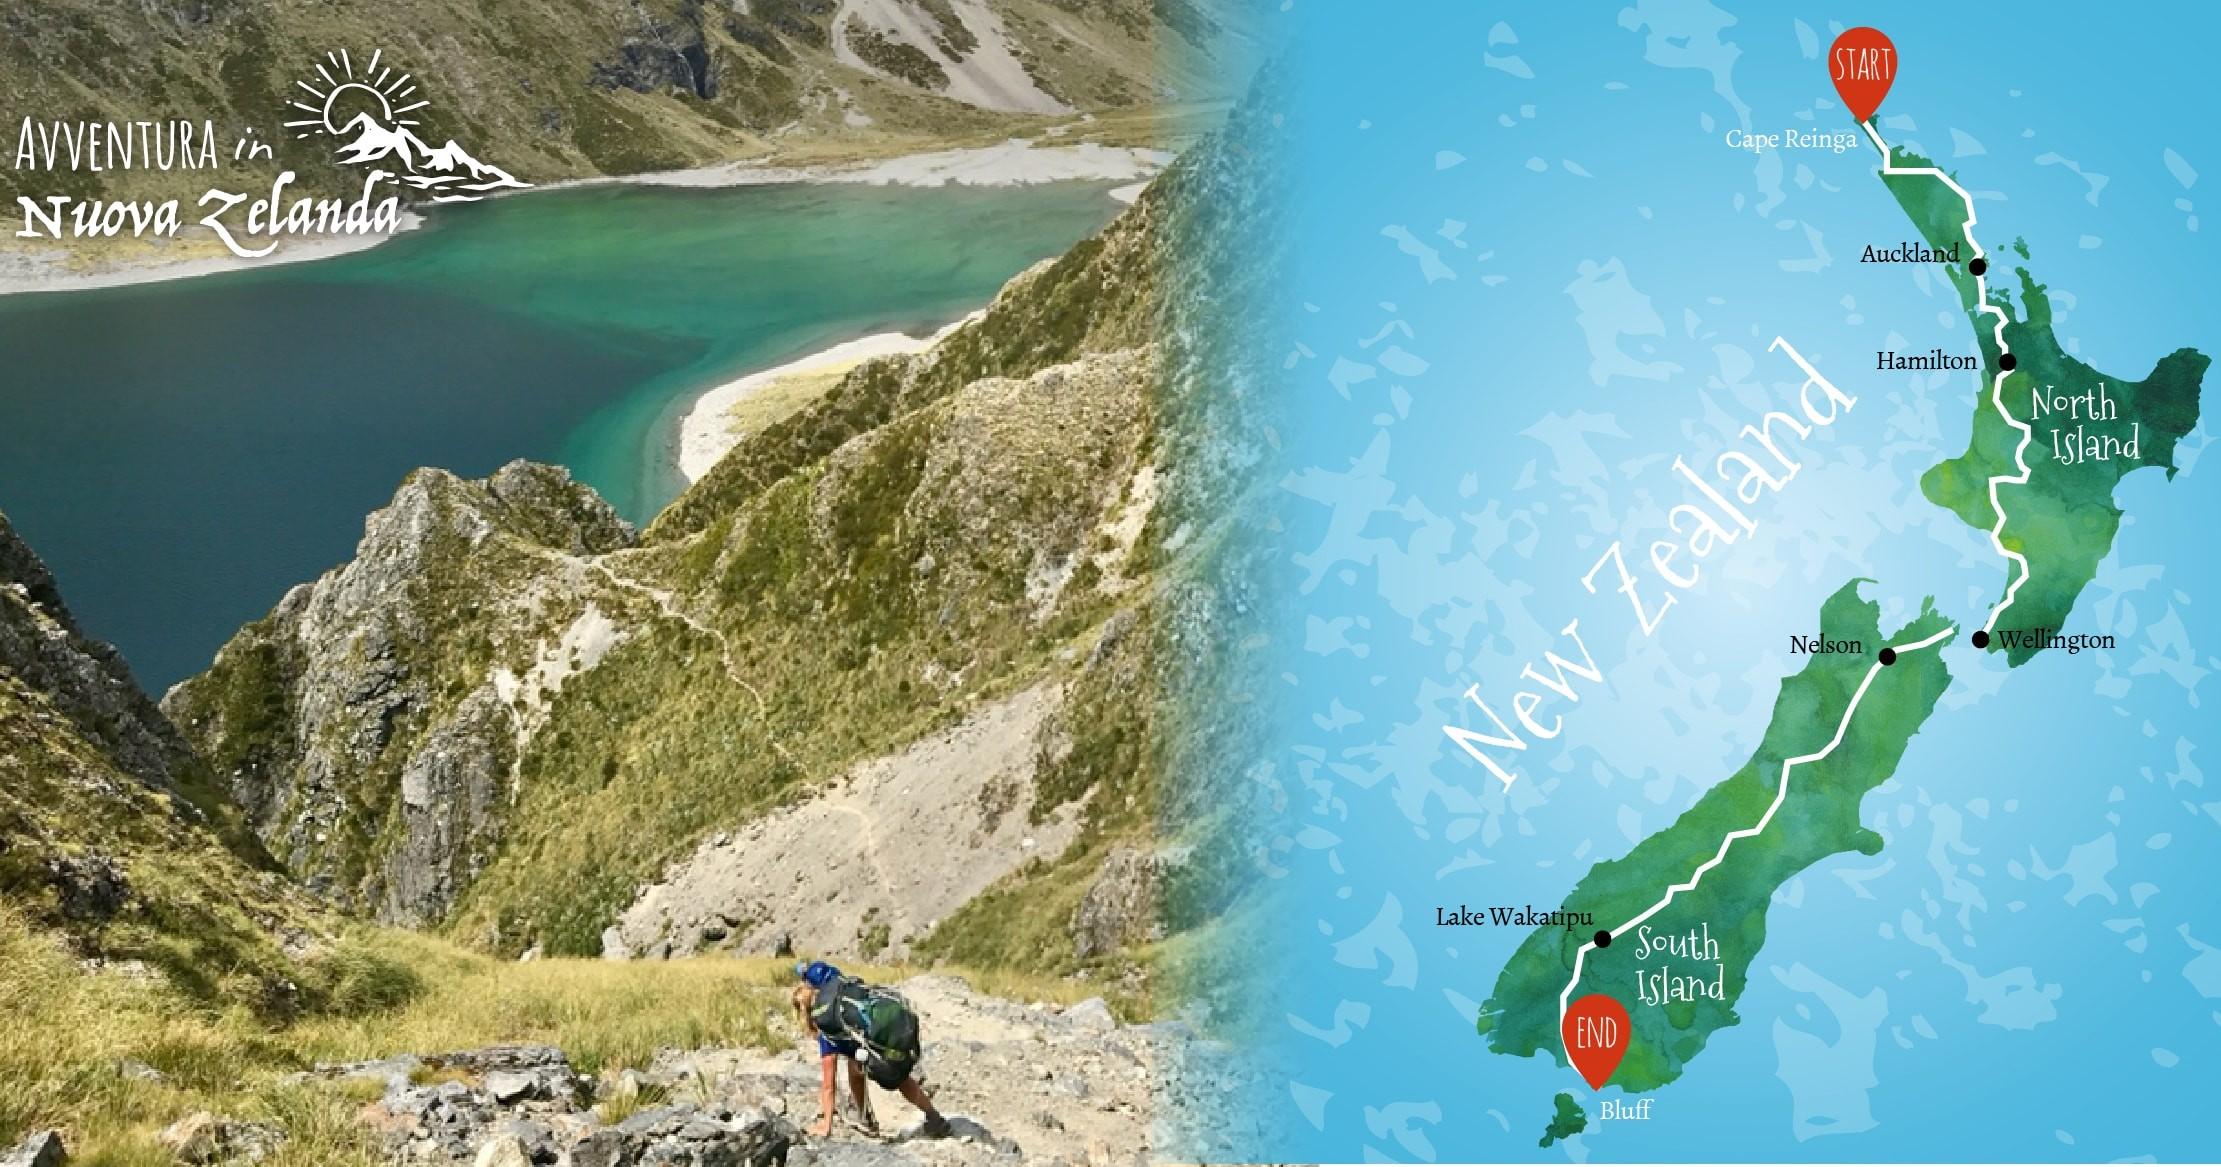 Nuova Zelanda - 3000km di Colori-Giulio Testa